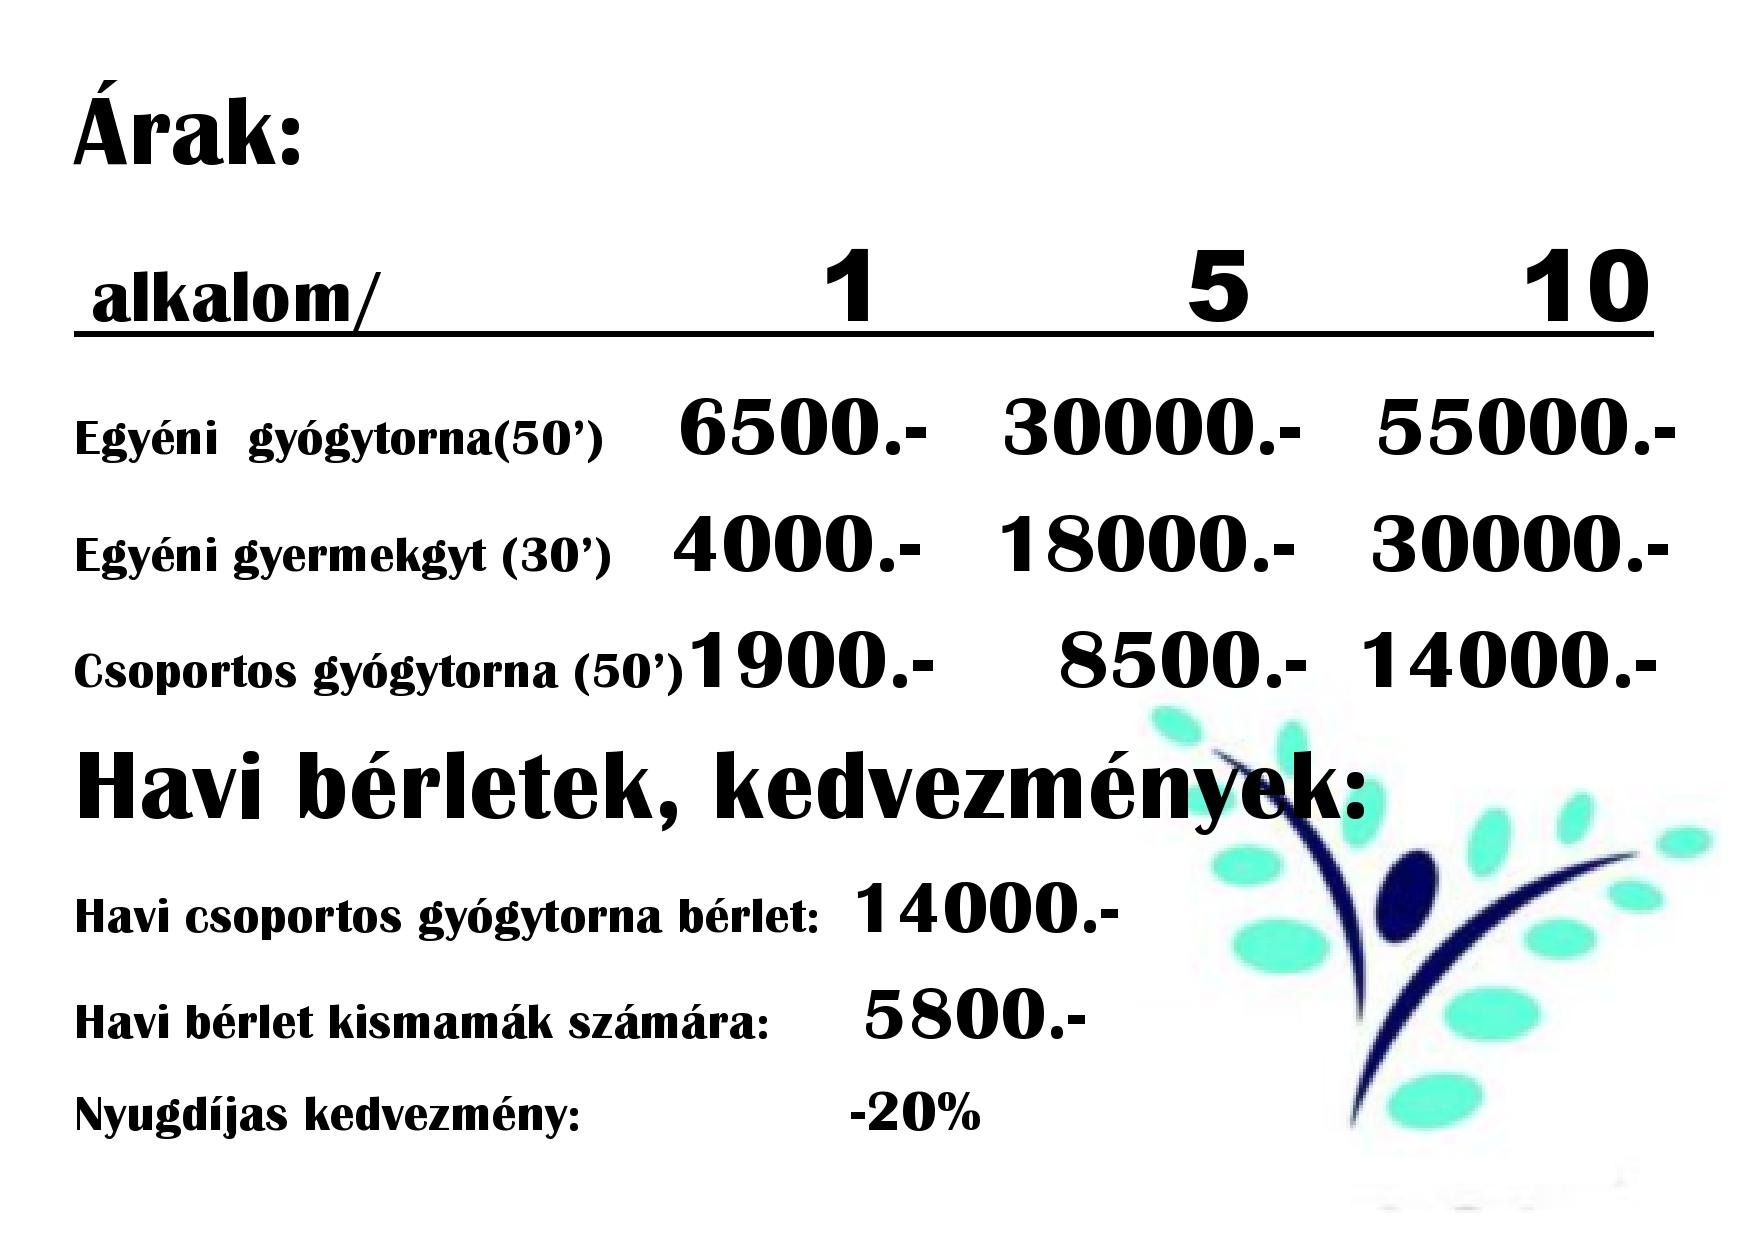 arak-2017-page0001